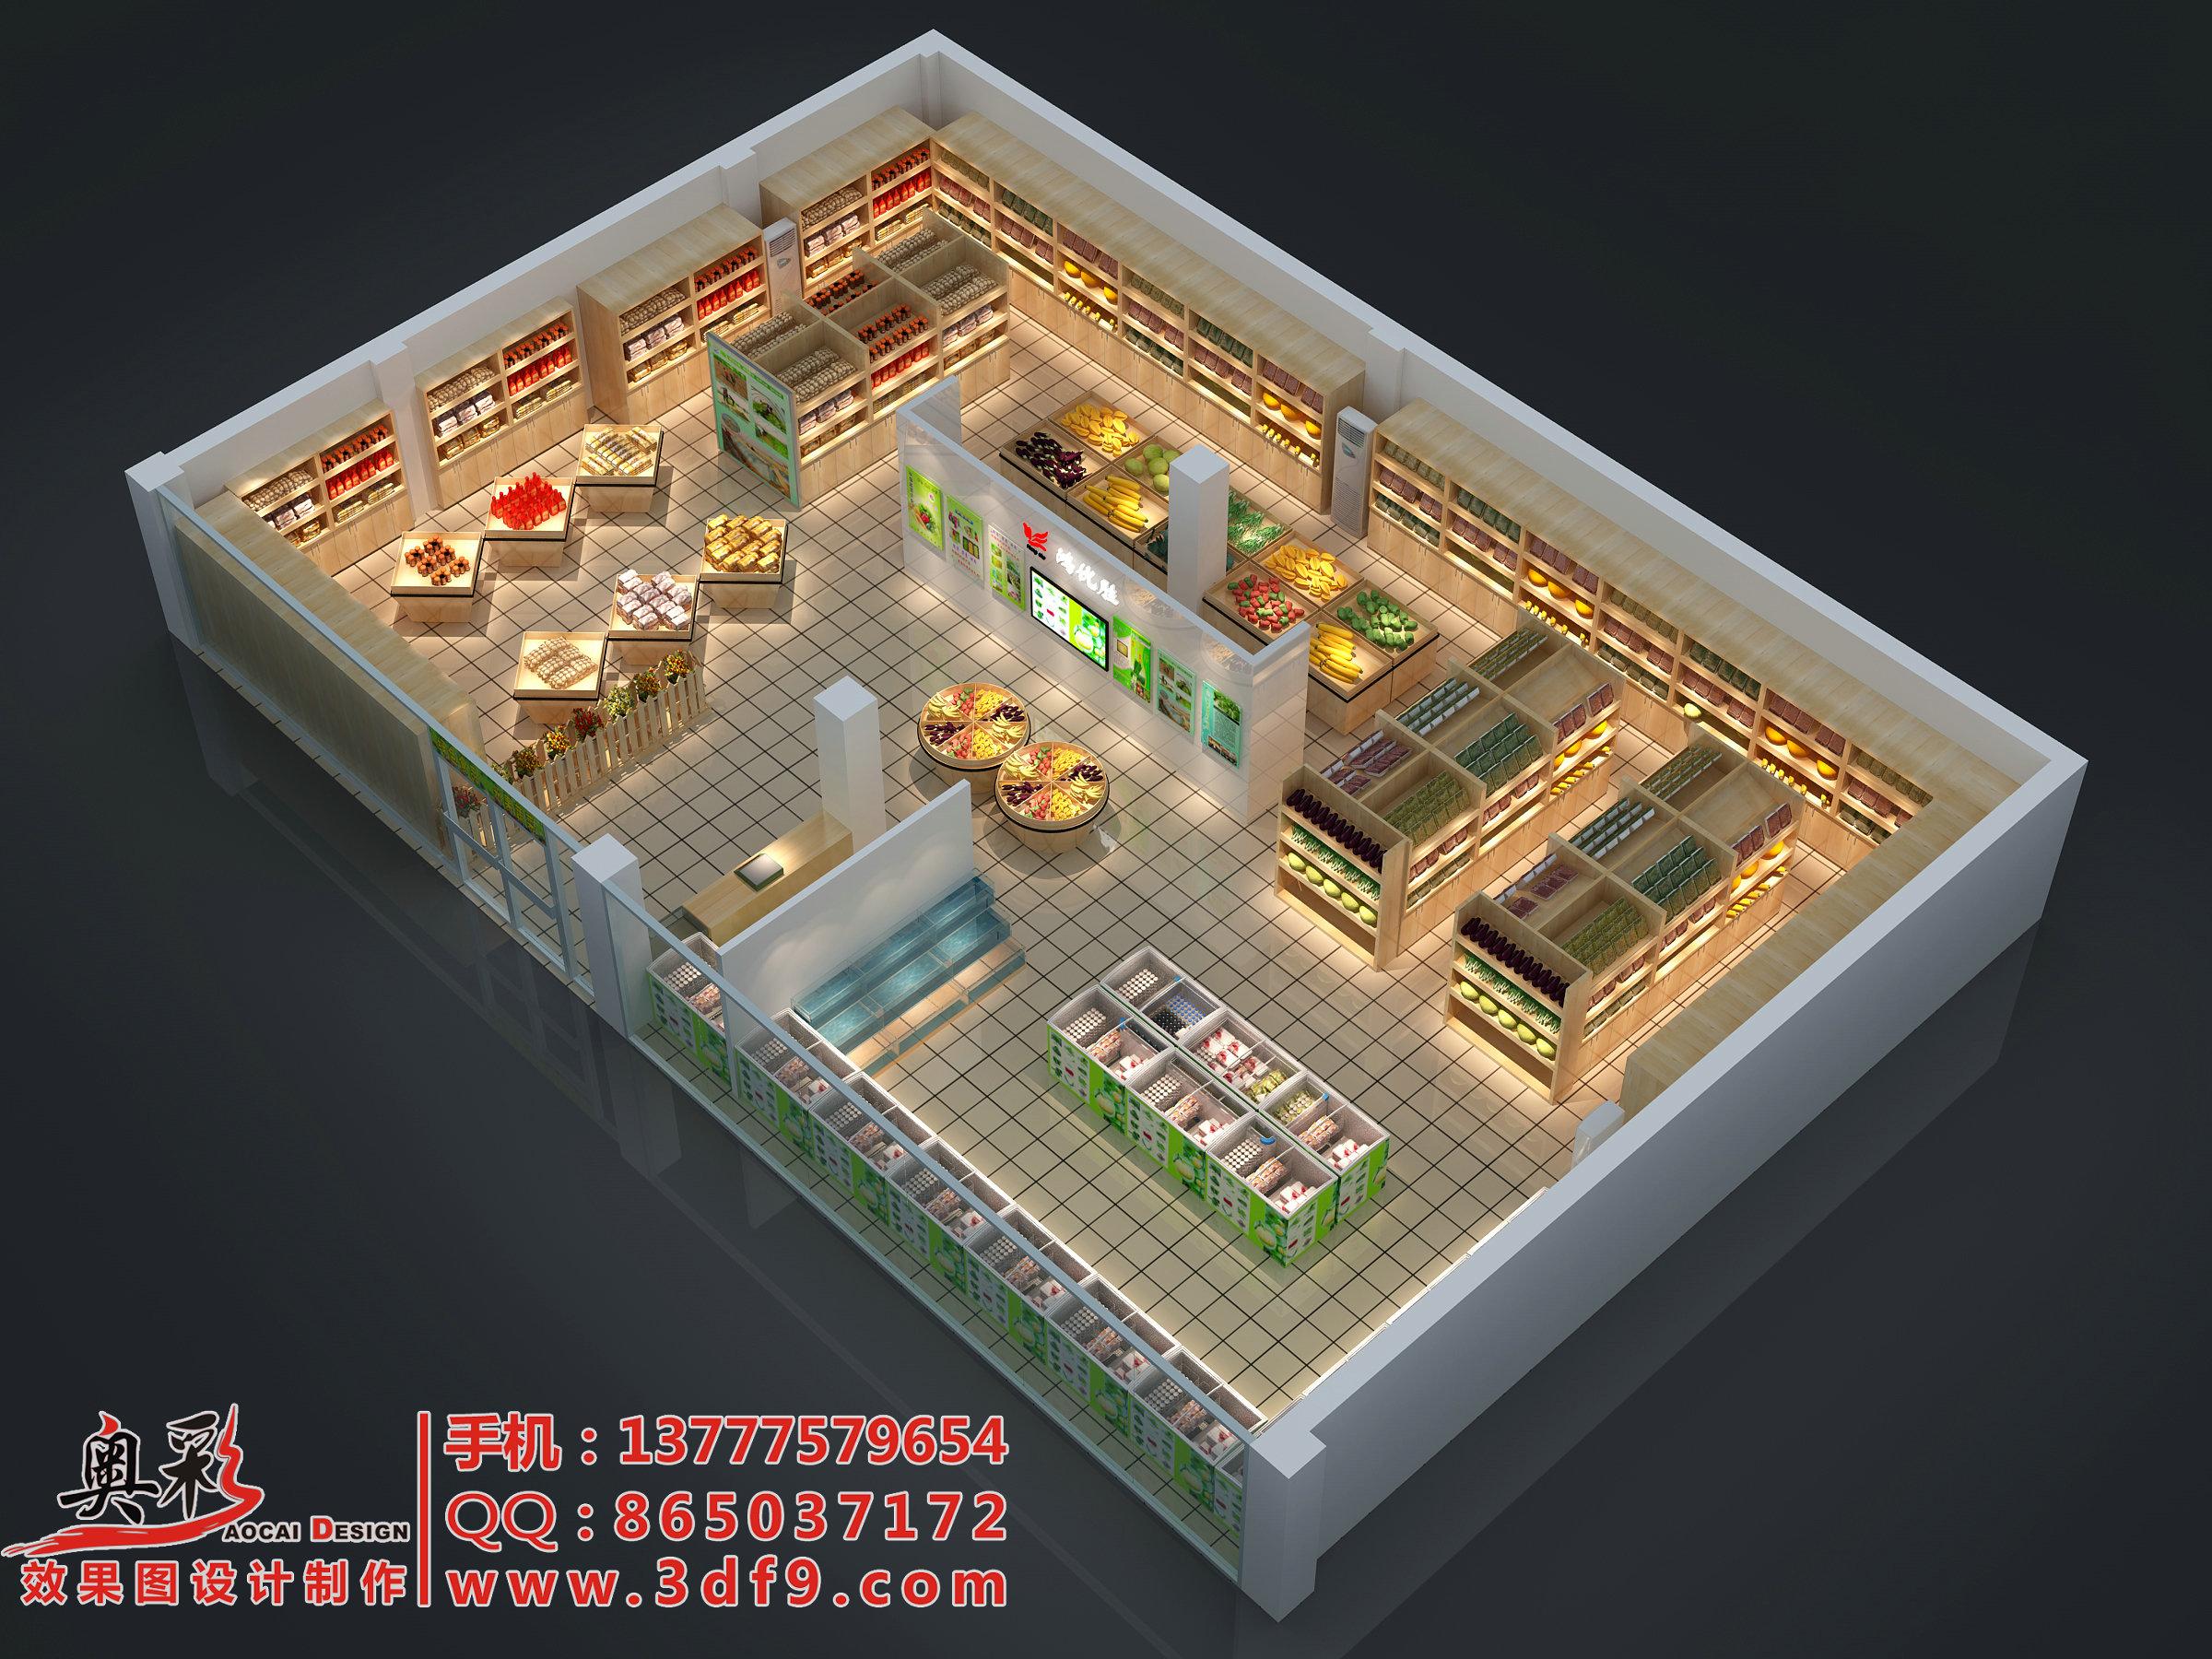 供应超市效果图制作,水果店效果图设计制作